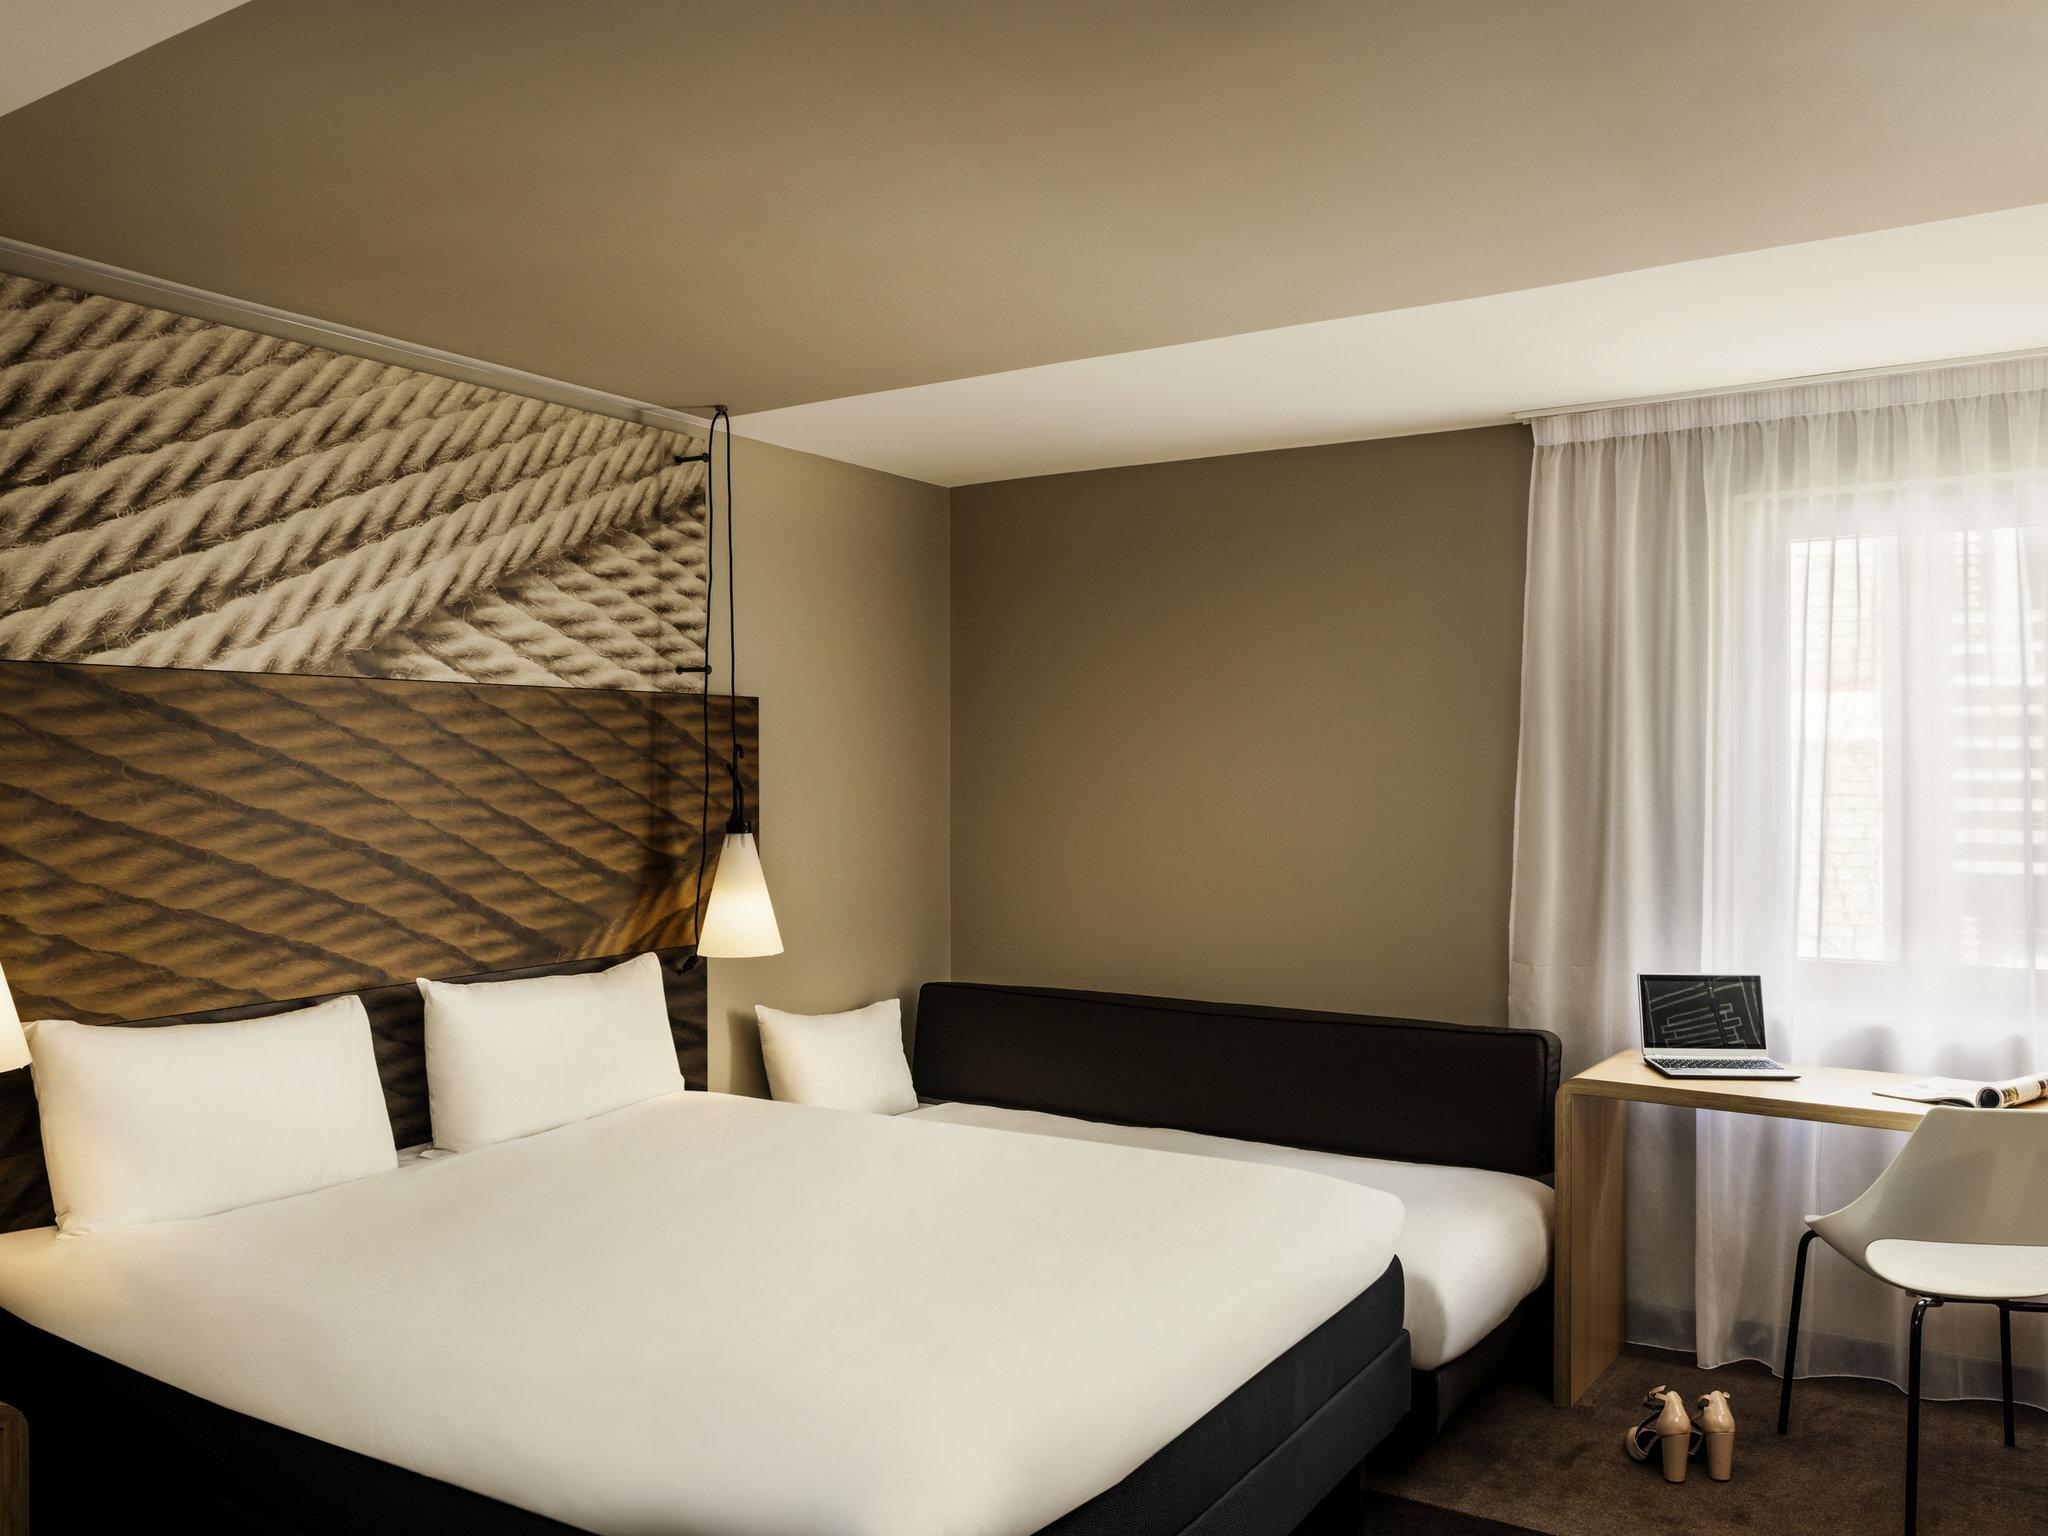 فندق - إيبيس ibis باريس بلاس ديتالي الدائرة 13